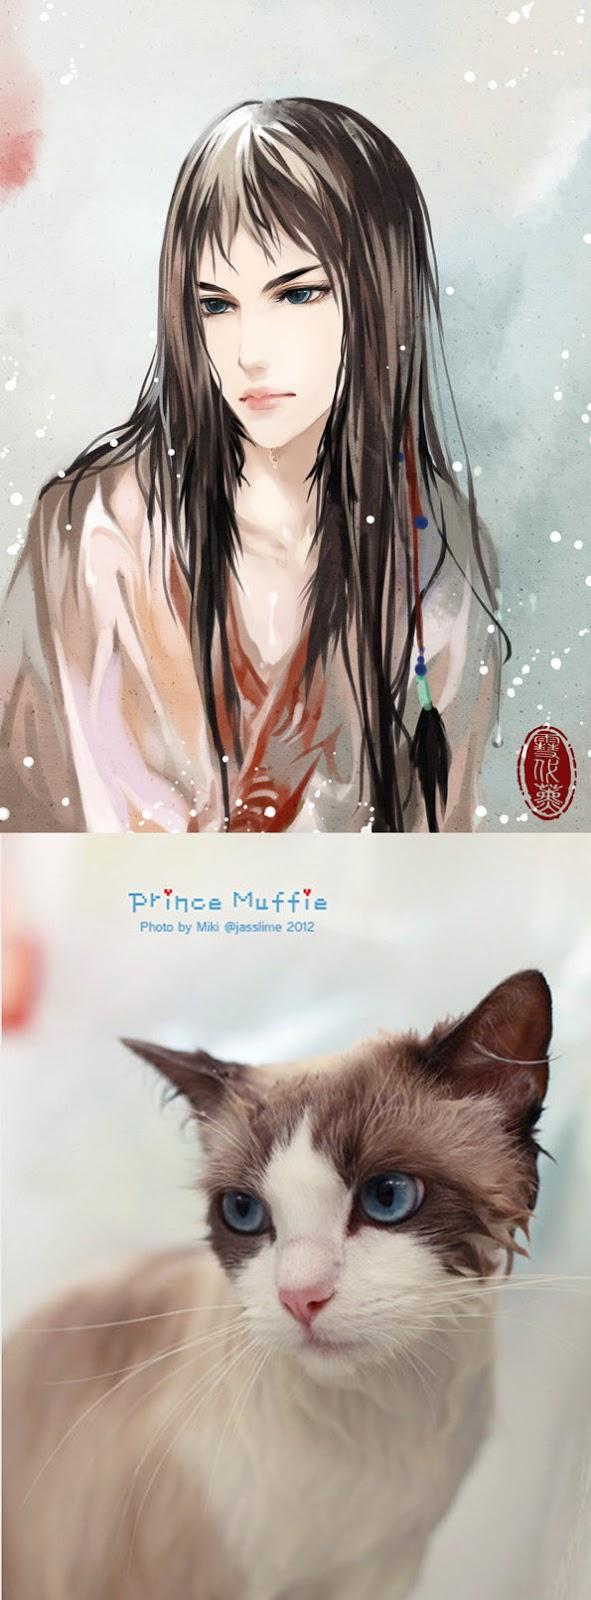 Kot narysowany jako kobieta z anime 07